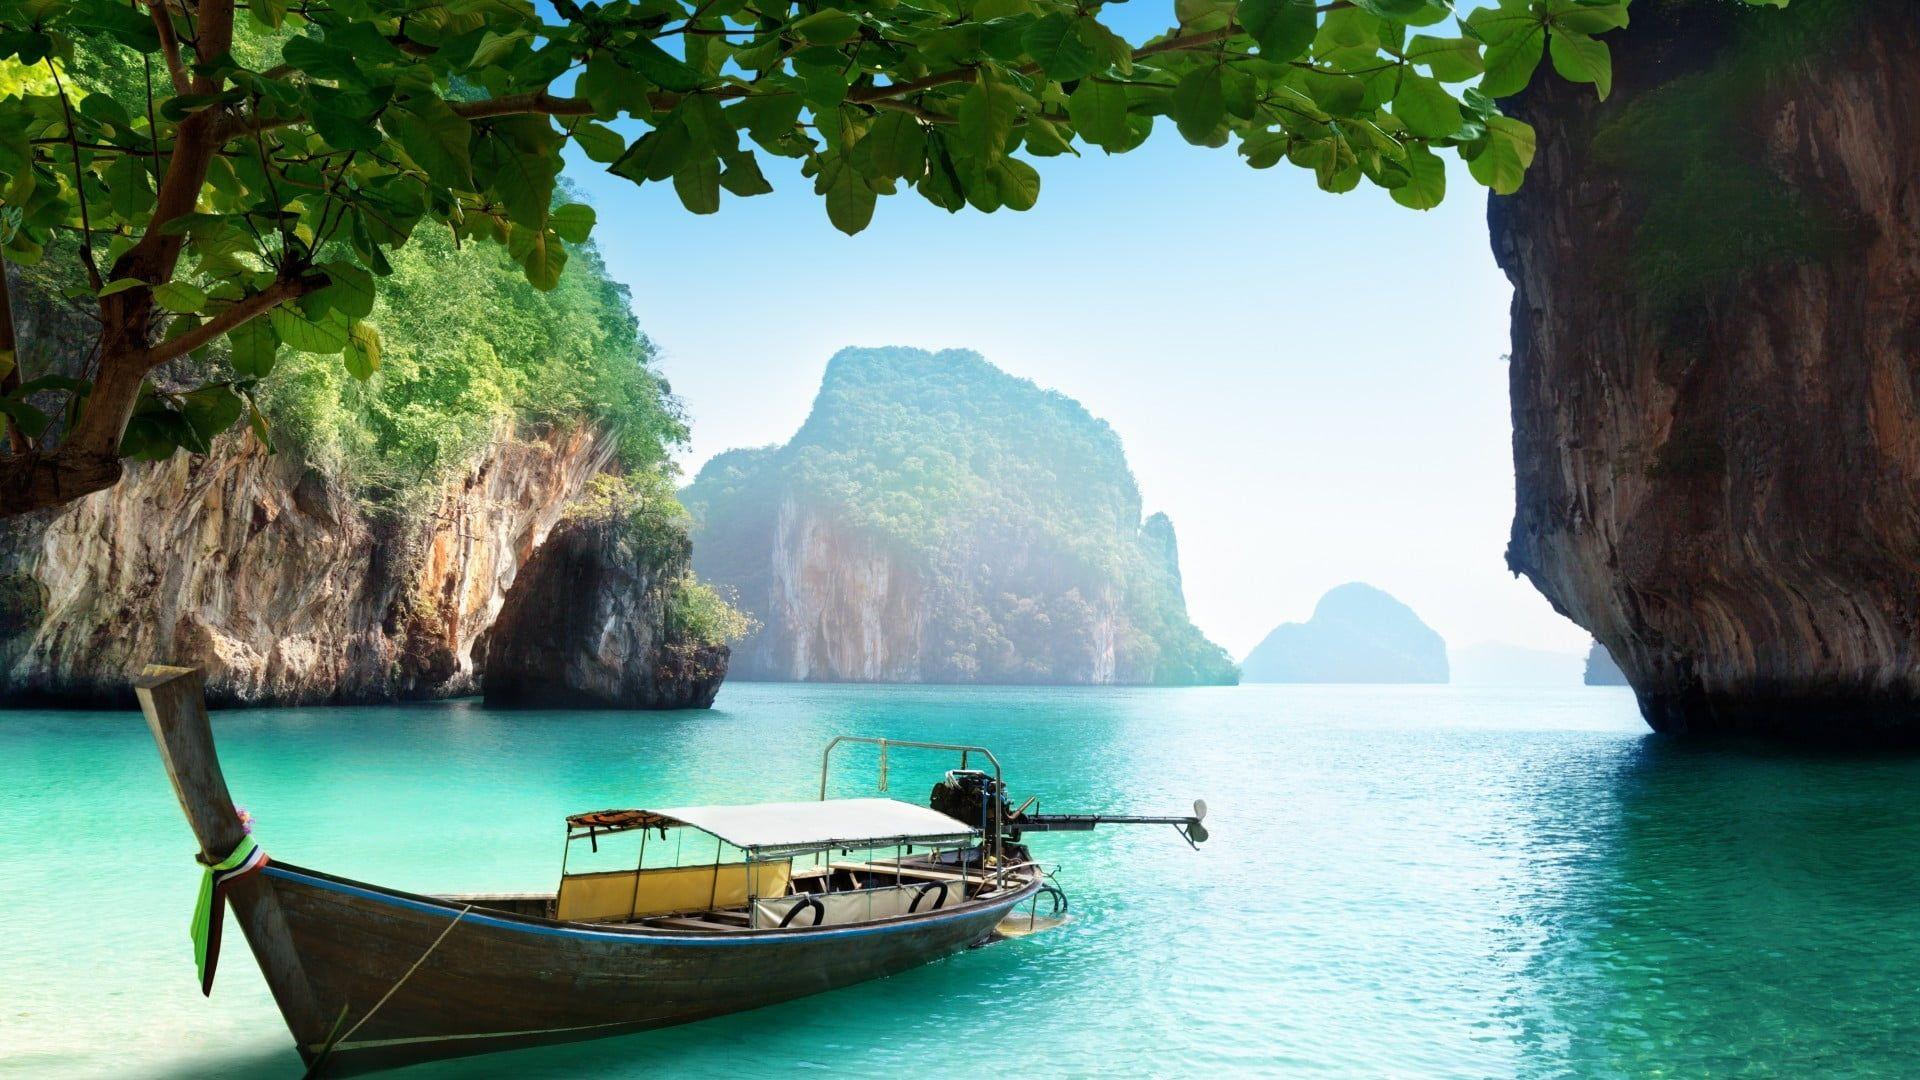 Black And Gray Boat Thailand Thai Sea Water Island Boat Ship Trees Rocks Beach Vacation 1080p Wal Thailand Beaches Thailand Travel Beach Wallpaper